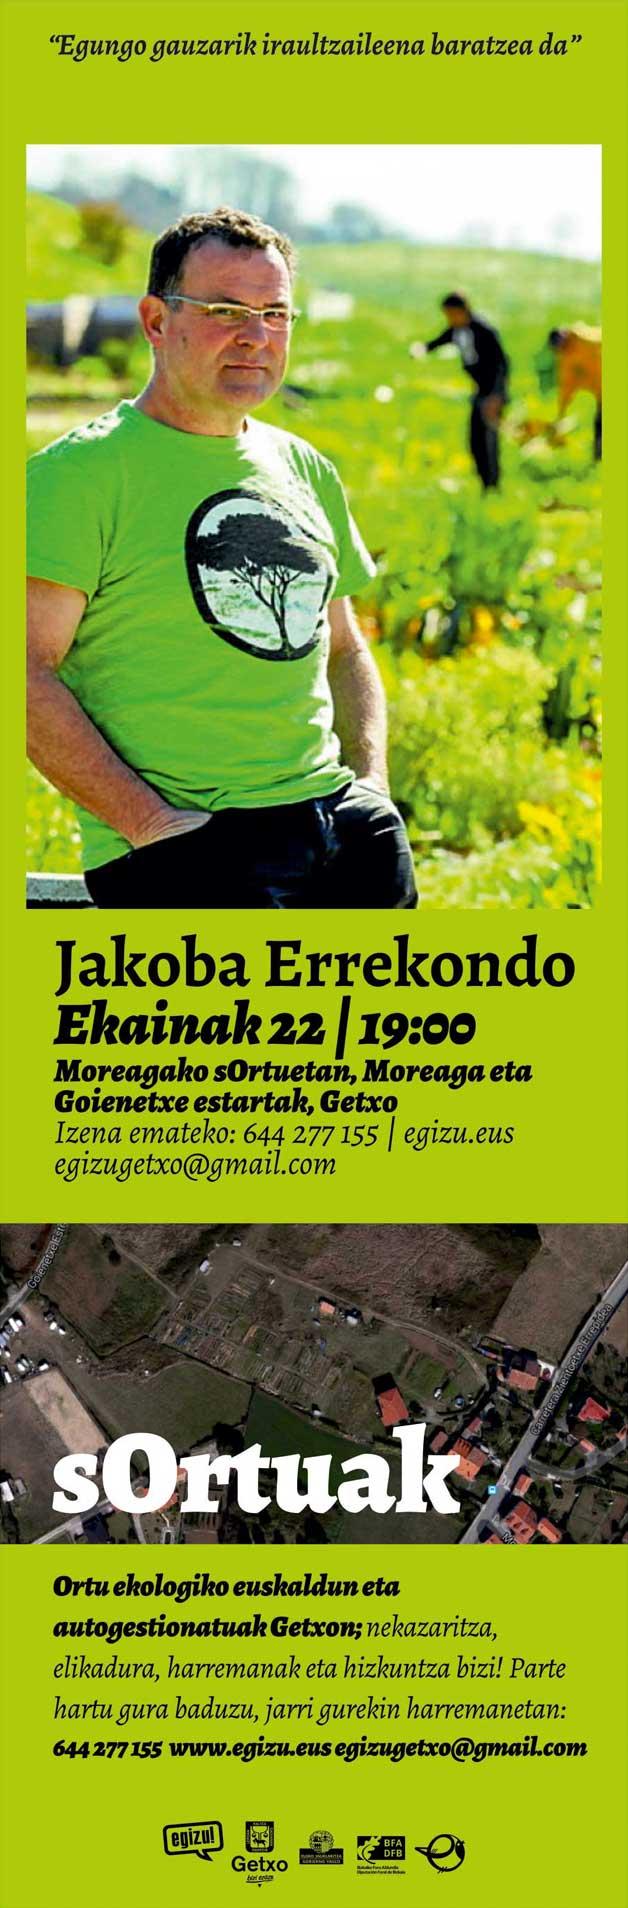 Jakoba Errekondo sOrtuak ekimeneko ortuetan ekainaren 22an